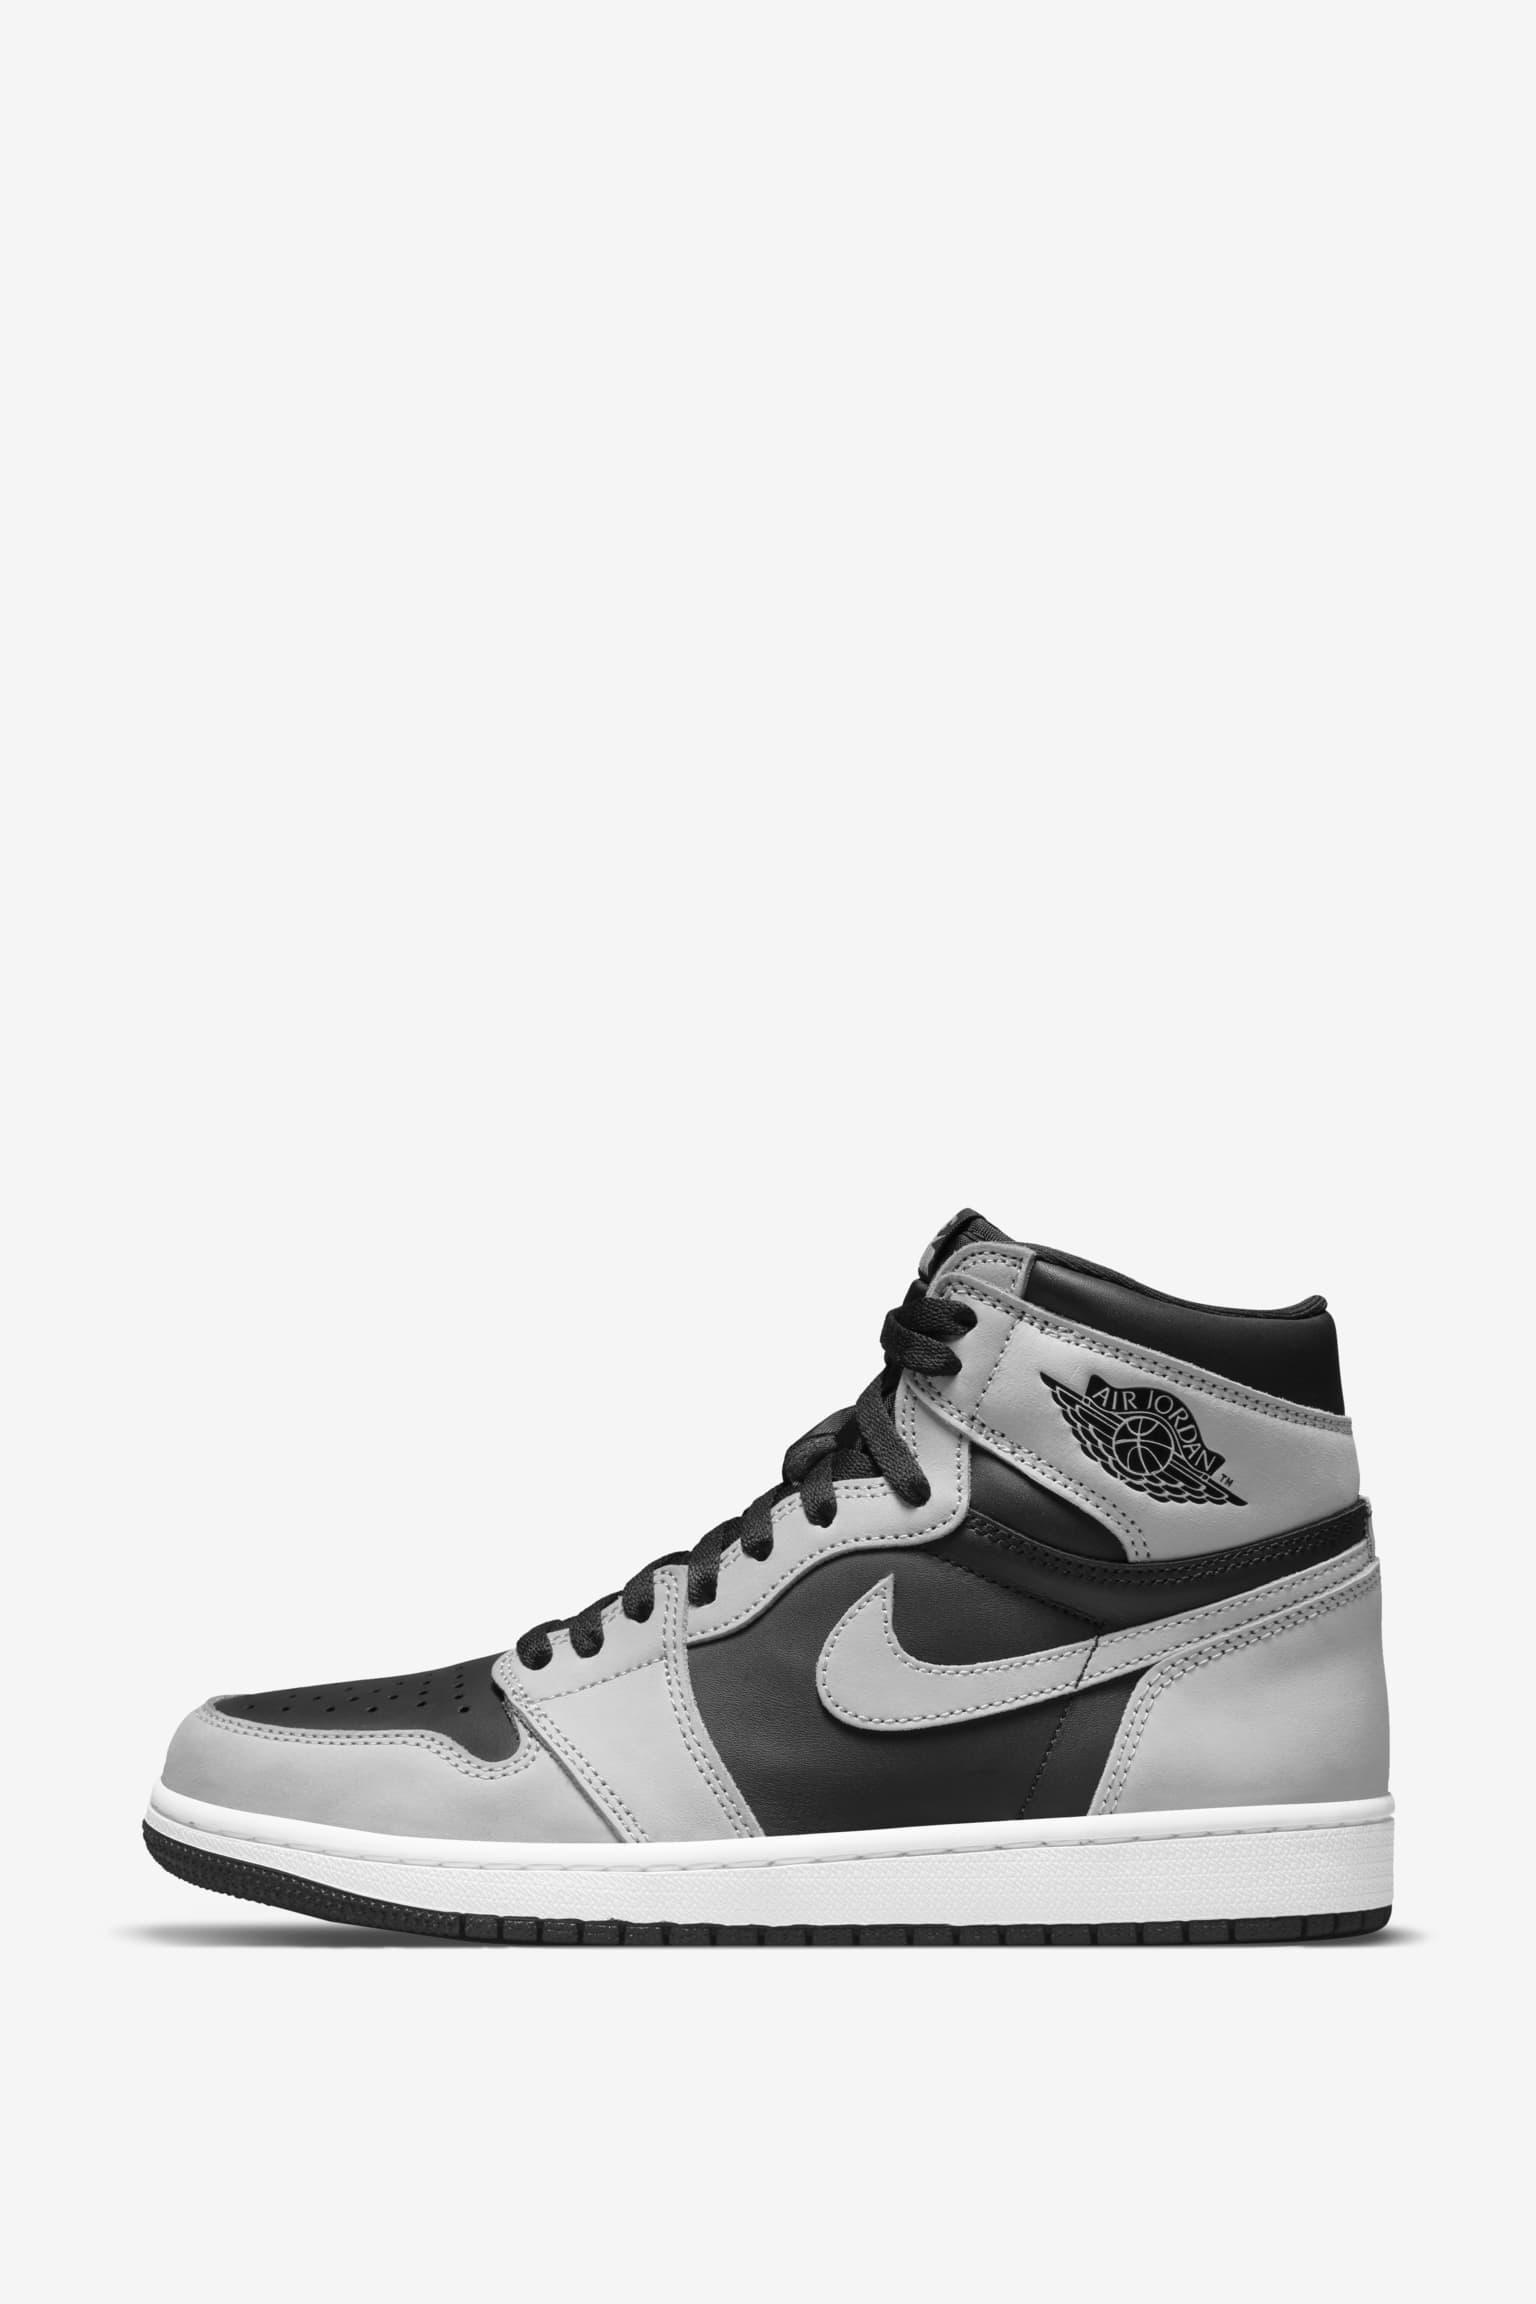 Air Jordan 1 High 'Shadow 2.0' Release Date. Nike SNKRS IN